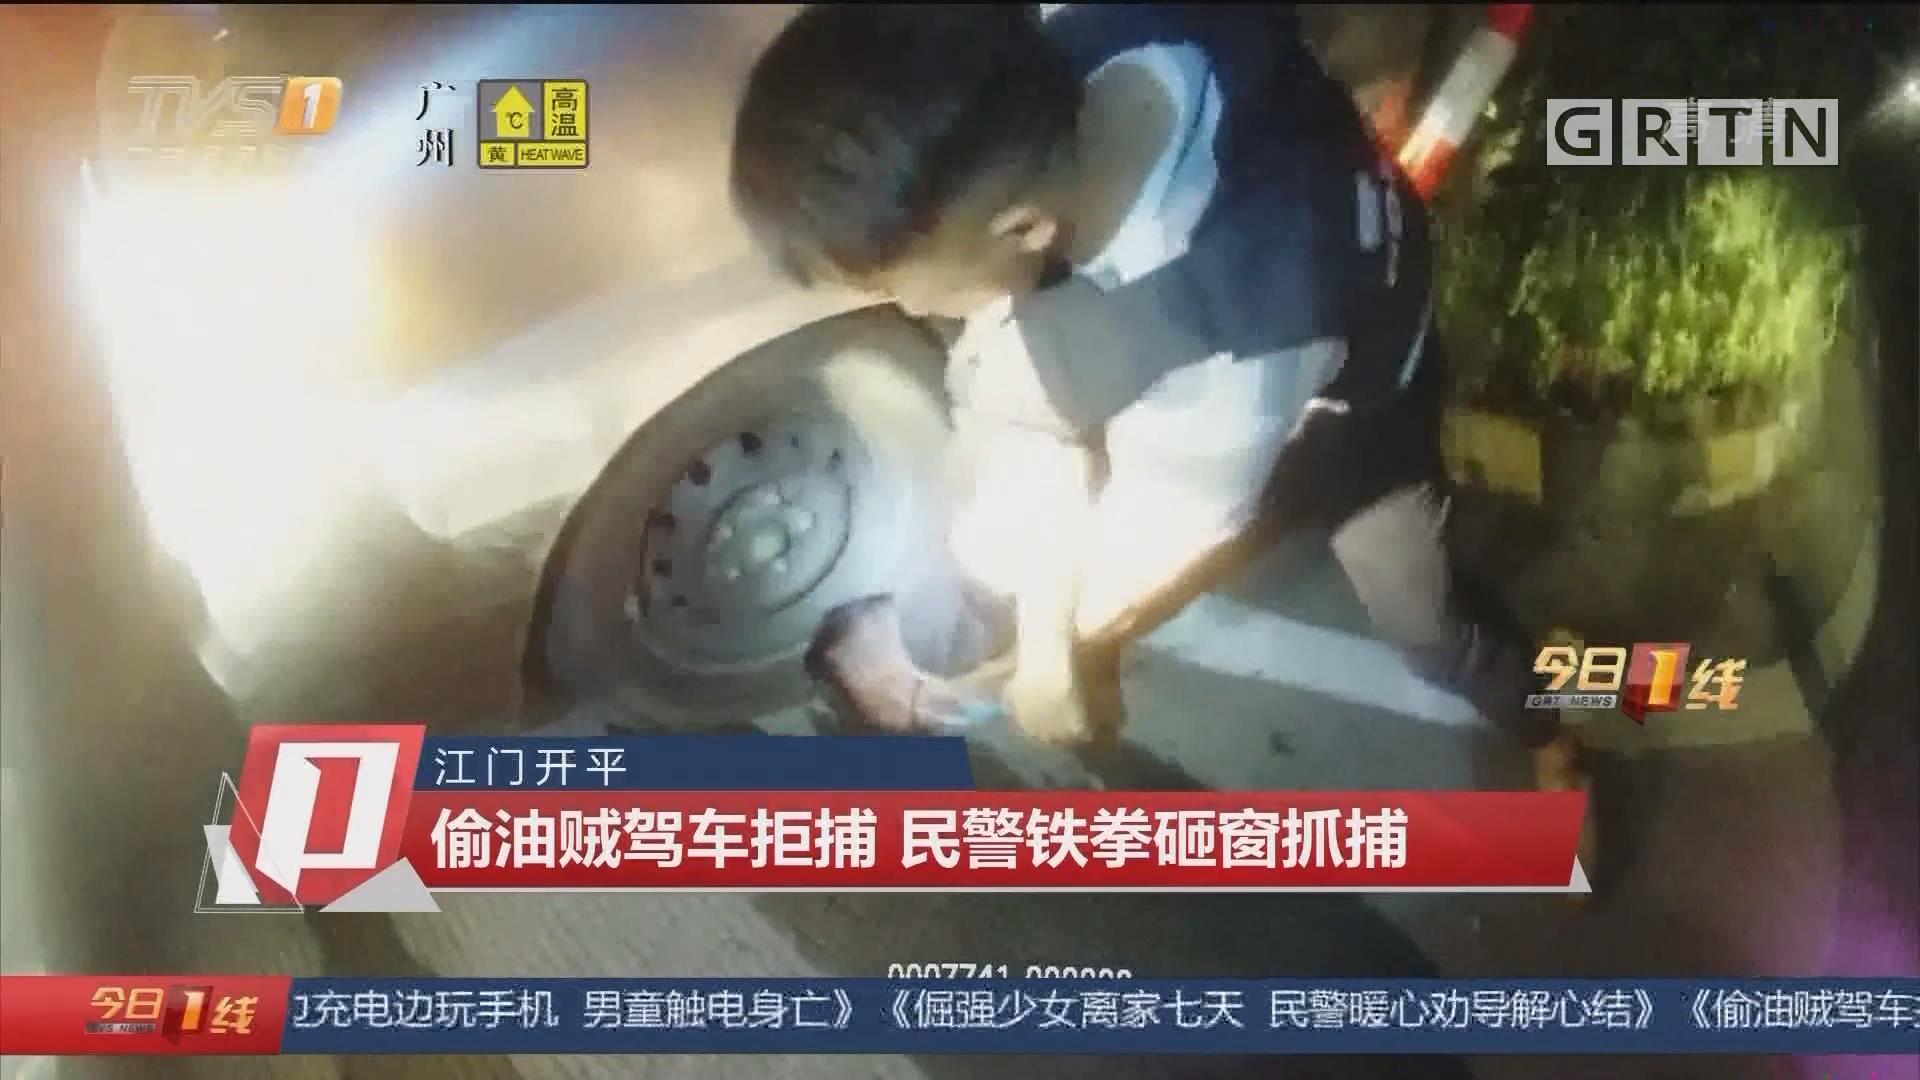 江门开平:偷油贼驾车拒捕 民警铁拳砸窗抓捕